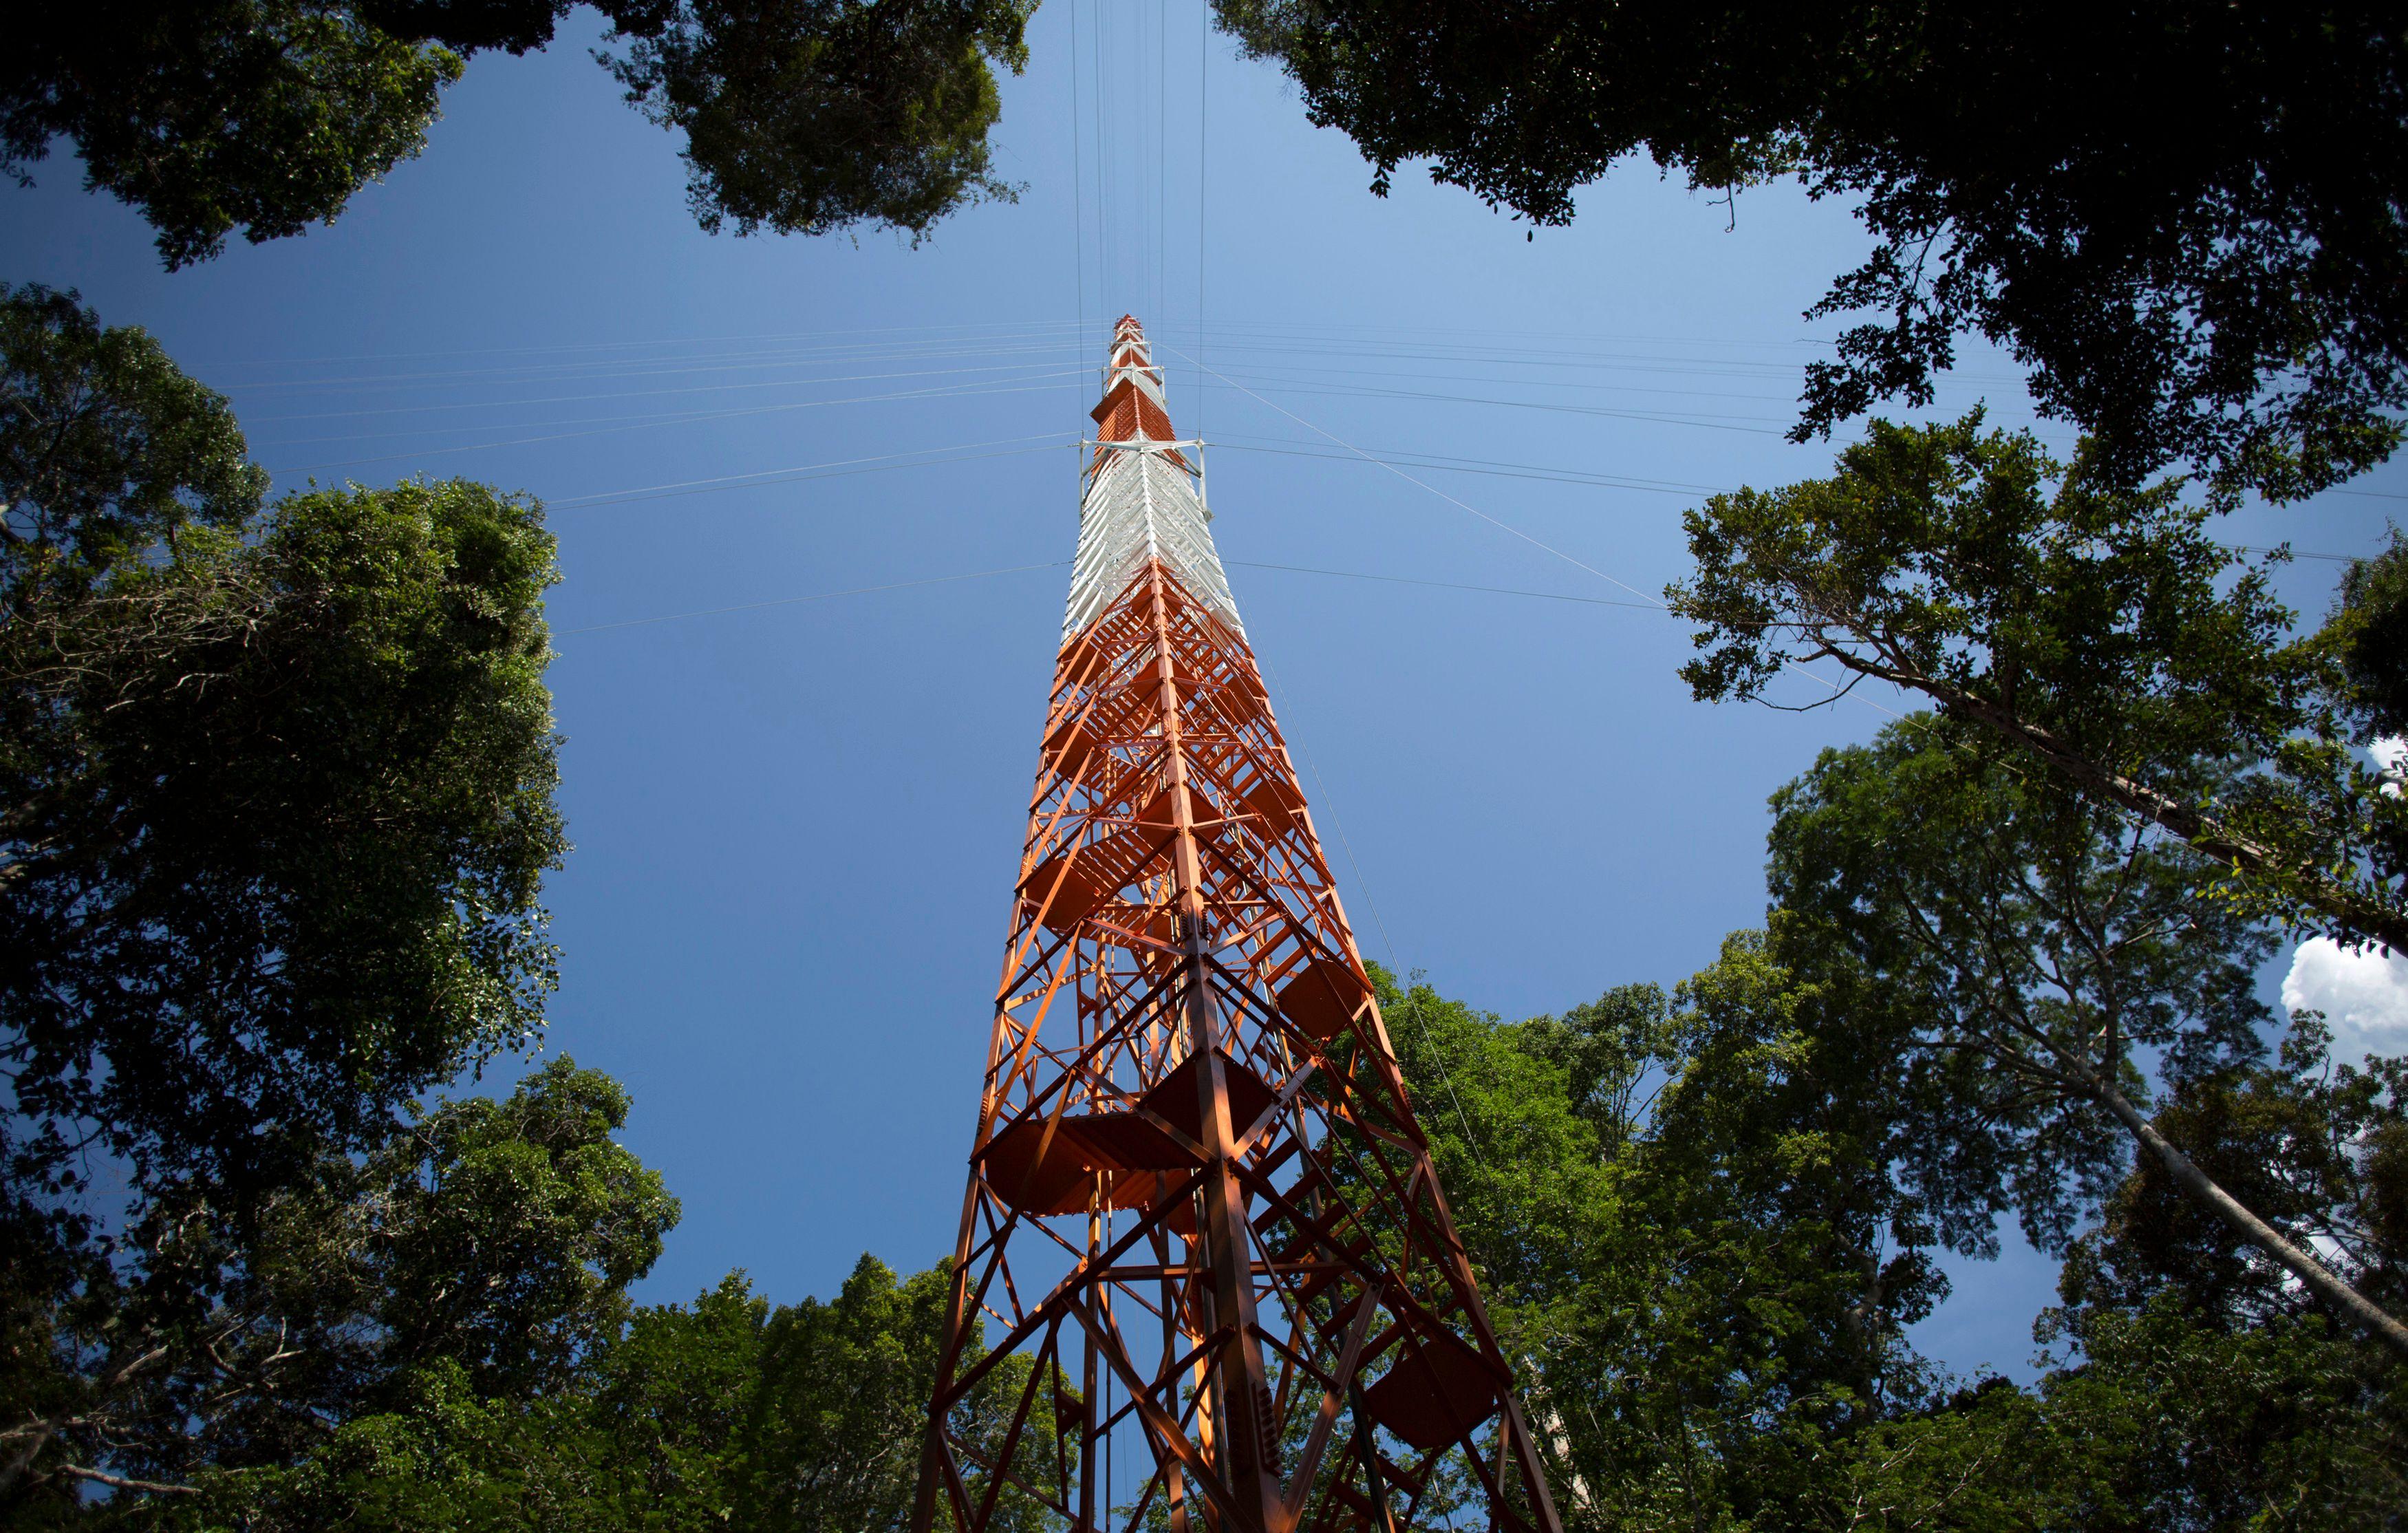 La tour d'observation géante doit permettre d'évaluer l'incidence des gaz à effet de serre sur les changements climatiques.